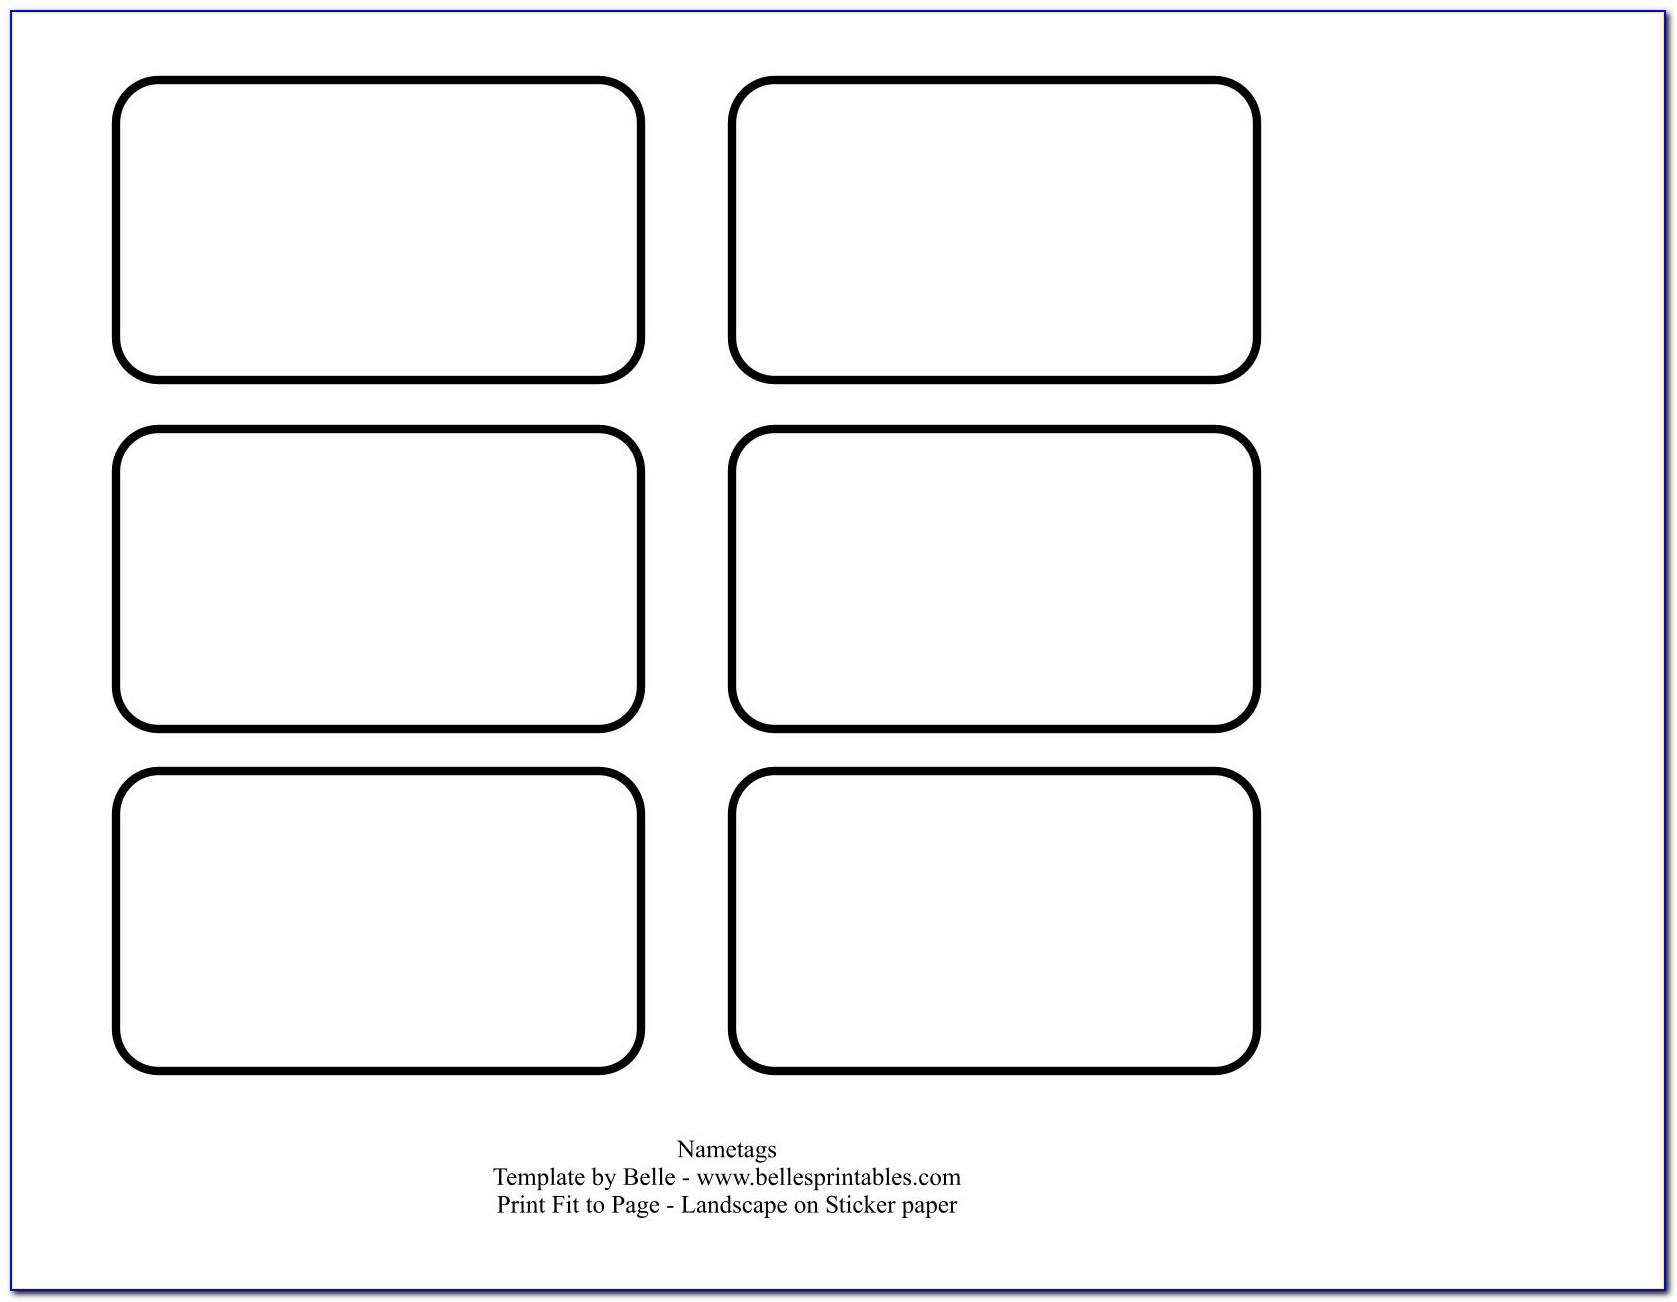 Free Printable Blank Name Tags Templates